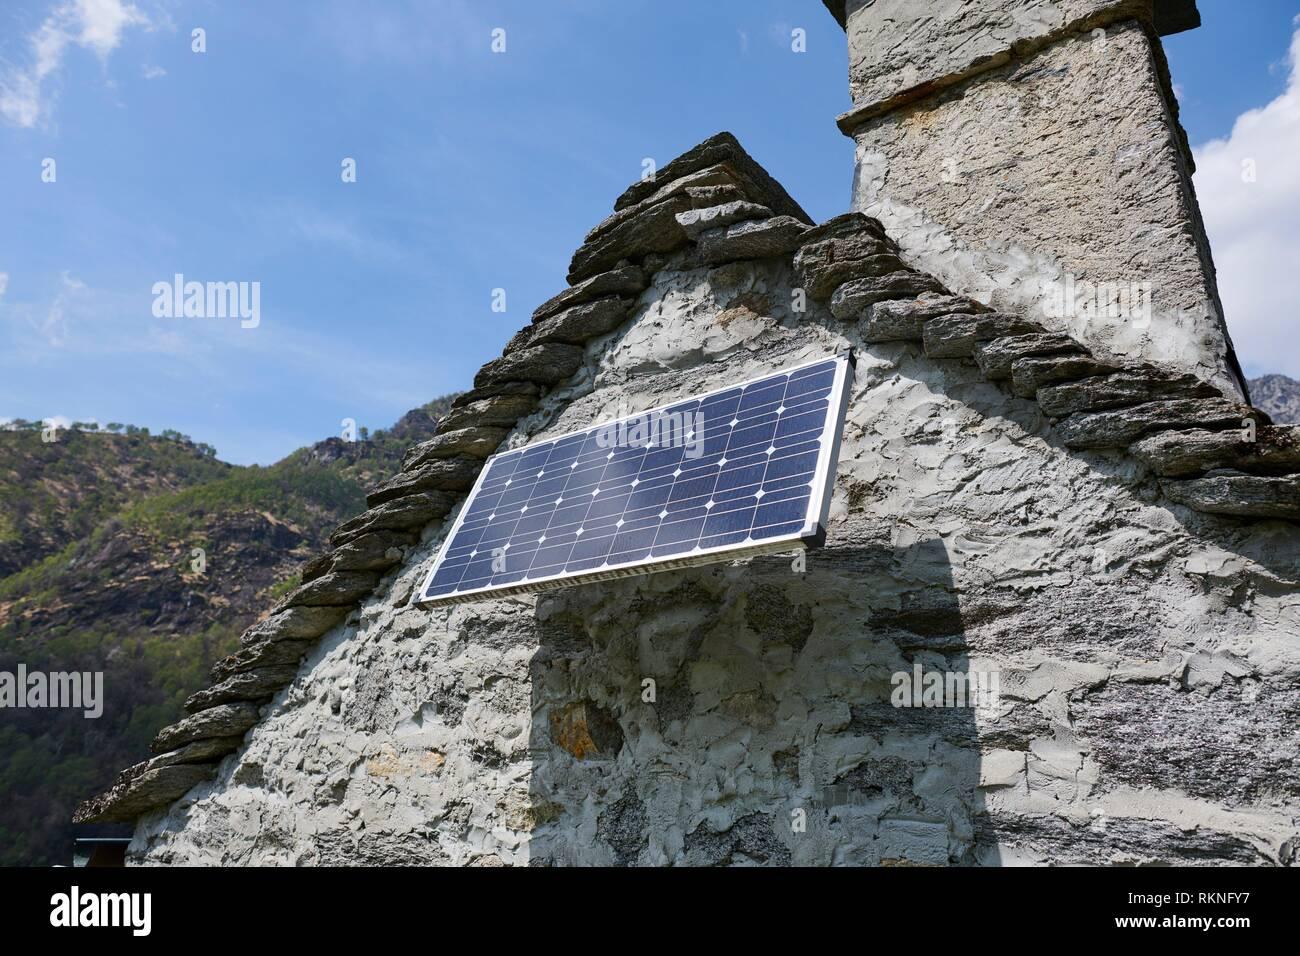 Un panel solar instalado en un edificio rústico. Maggia. Distrito de Vallemaggia. El Tesino. Suiza. Foto de stock